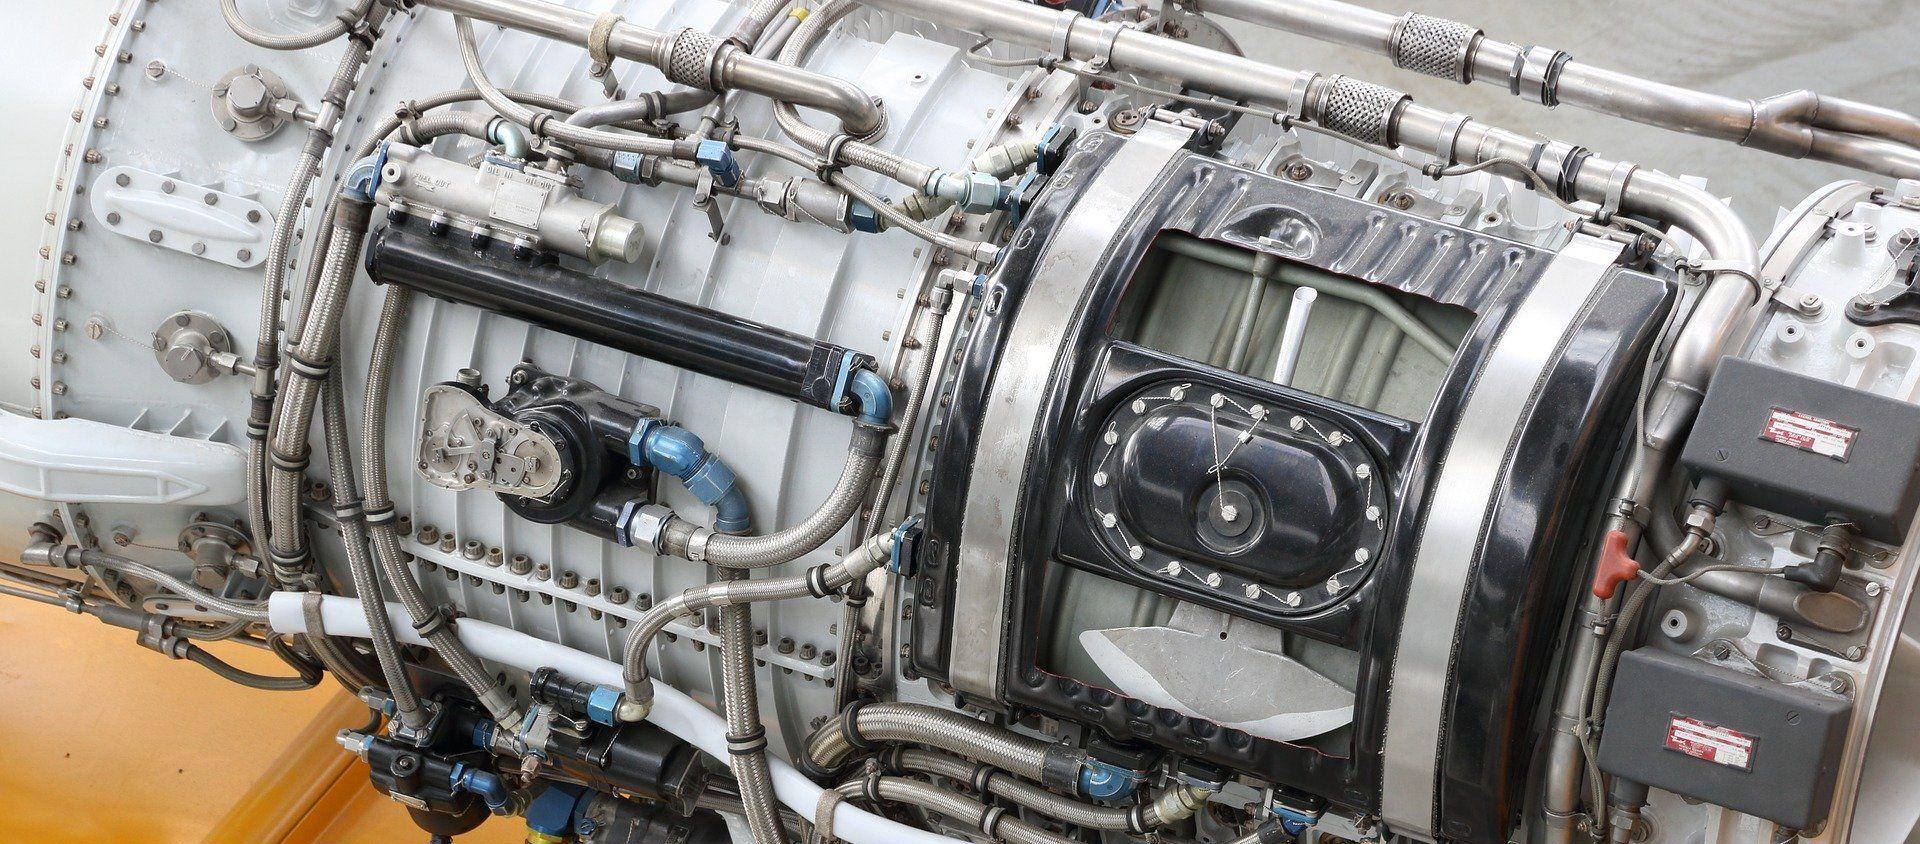 El turboreactor J79 de General Electrics que se usa en aviones - Sputnik Mundo, 1920, 20.04.2020